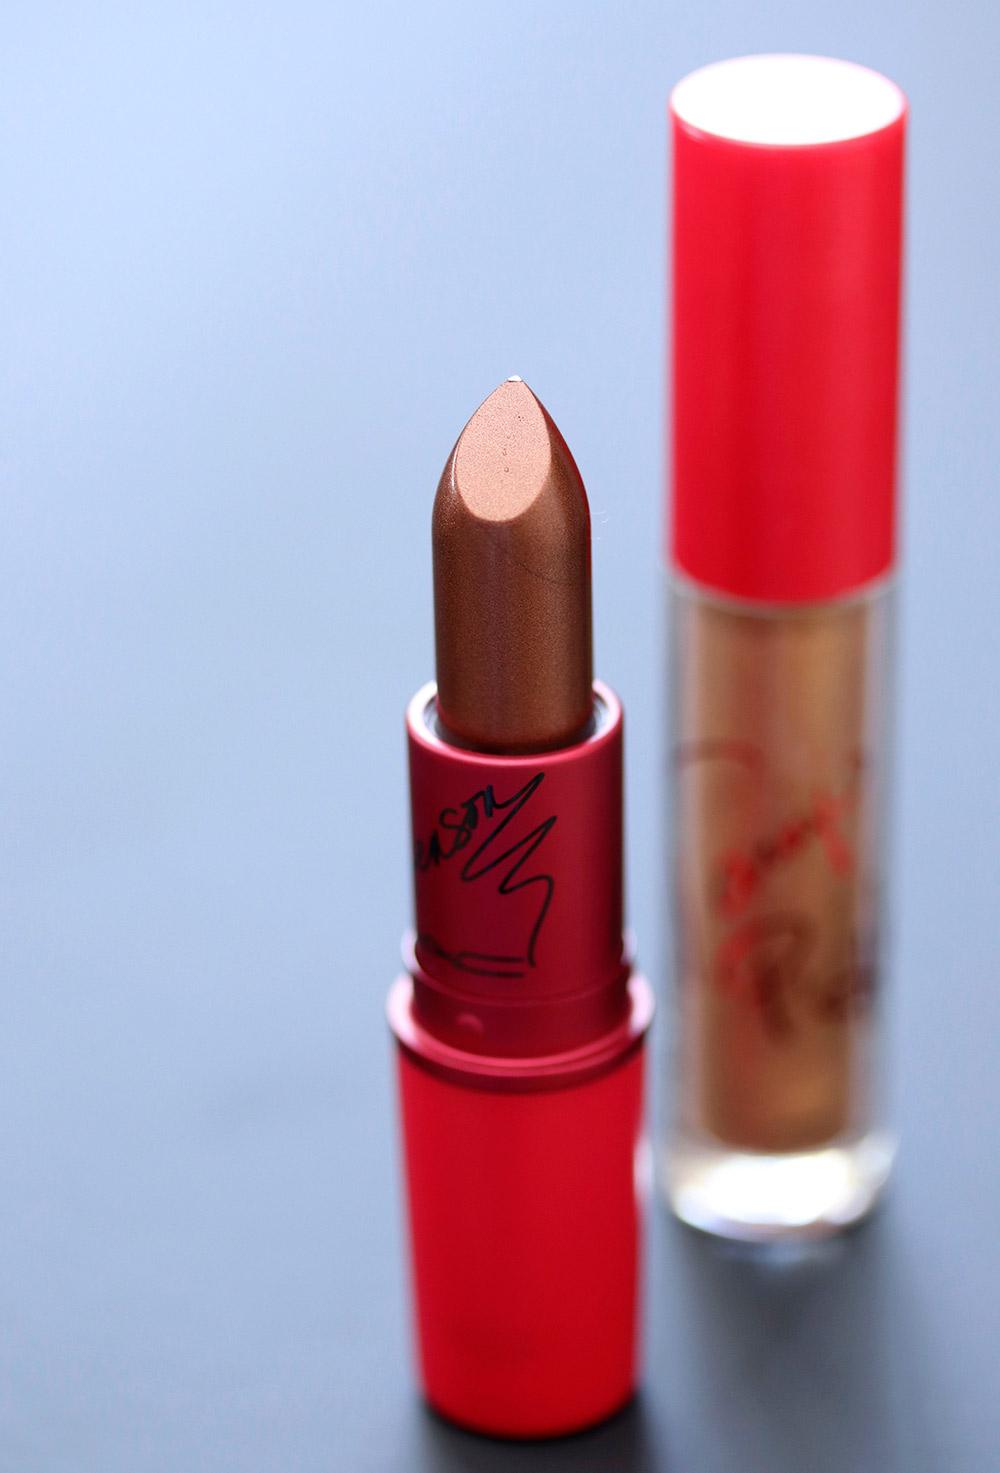 mac taraji p henson viva glam 2 lipstick